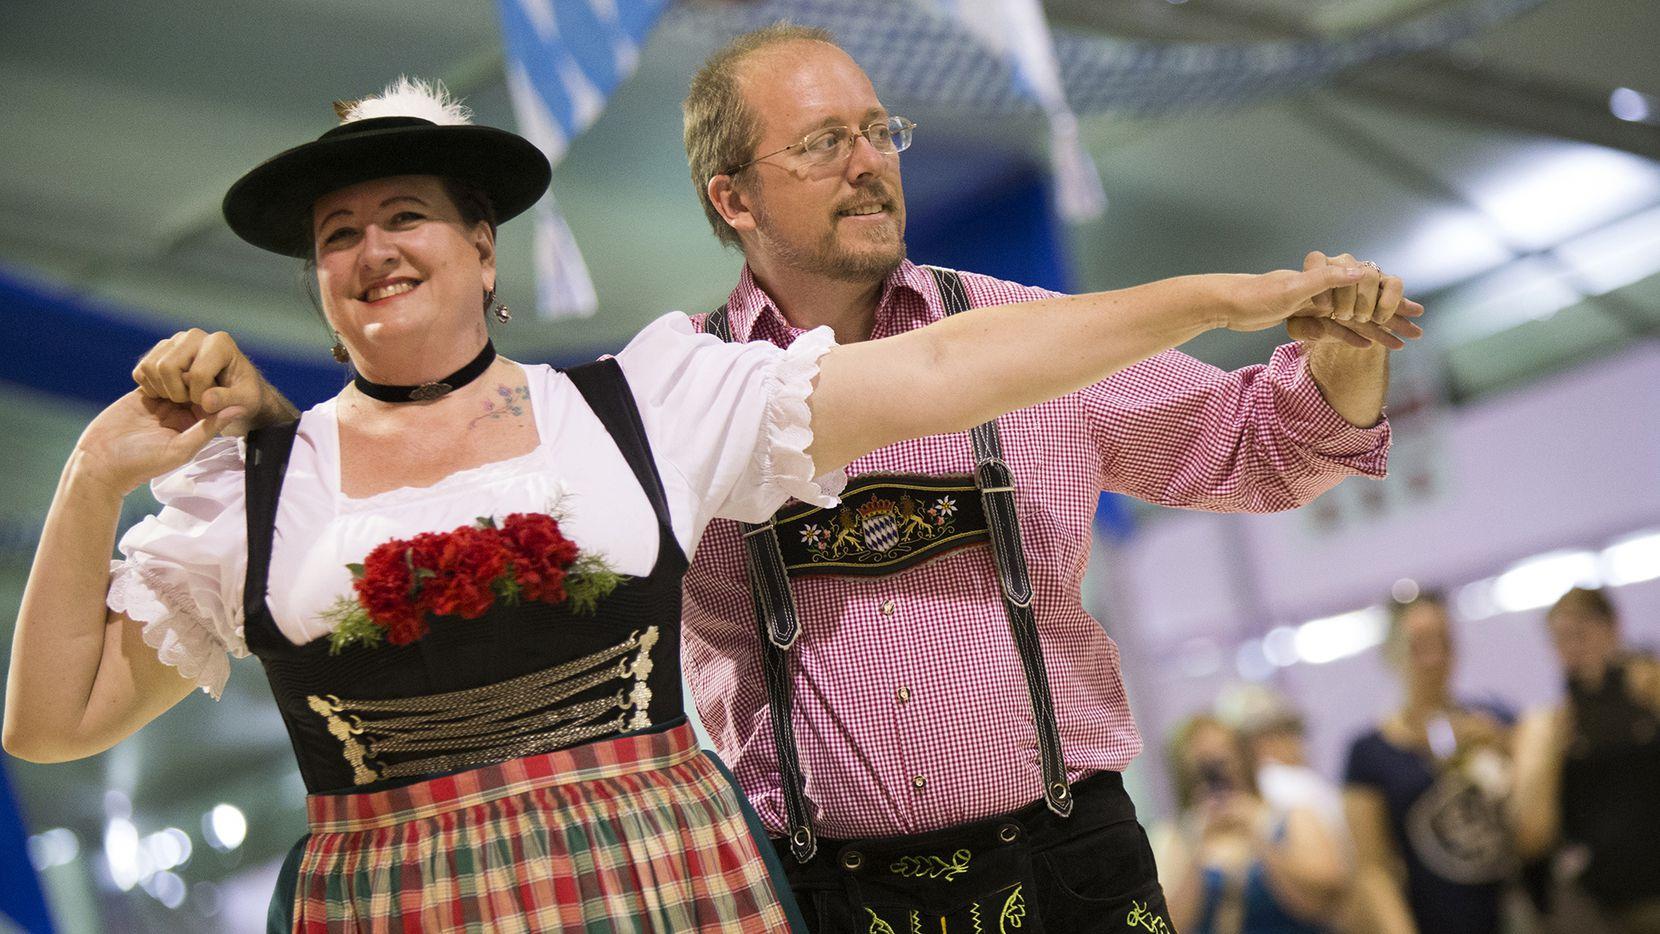 Addison Oktoberfest ofrece bailes bávaros típicos durante cuatro días.